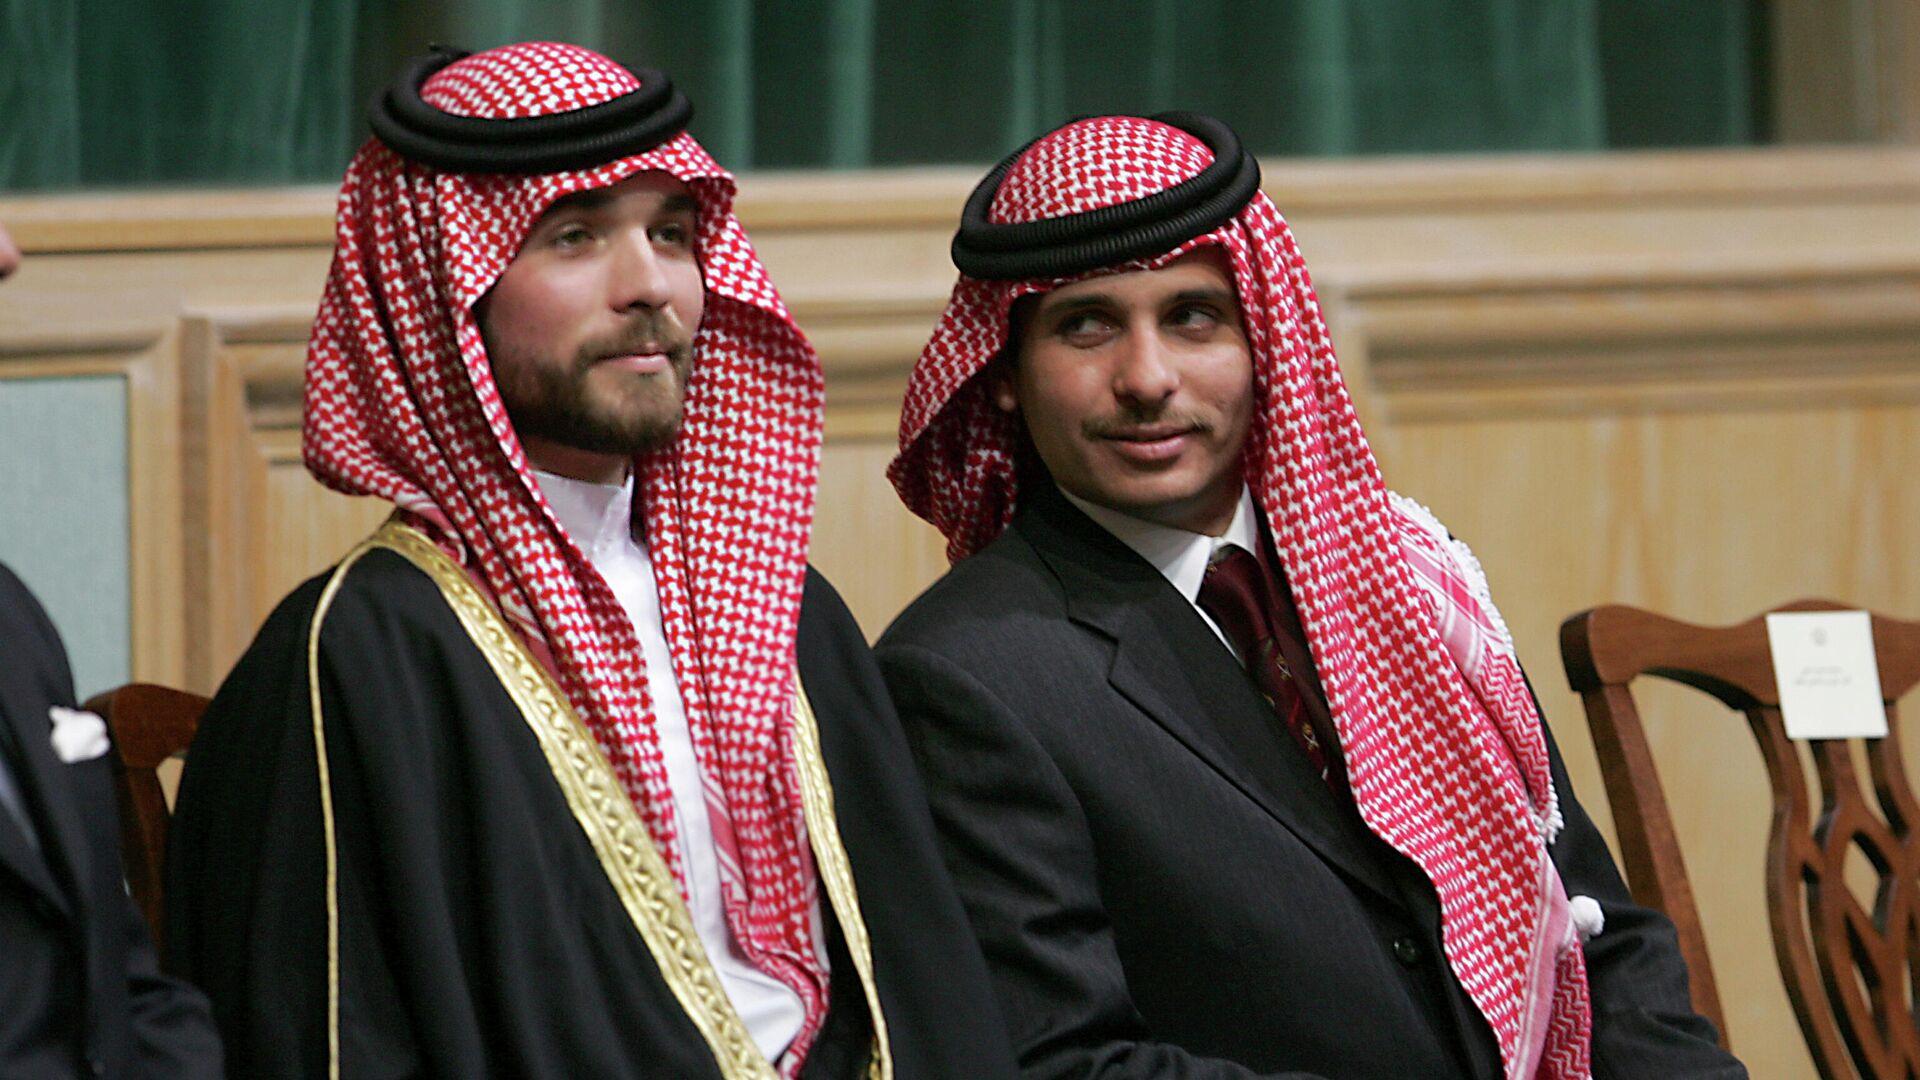 El príncipe Hamza Bin Hussein, a la derecha, y el príncipe Hashem Bin Hussein, a la izquierda, medio hermanos del rey Abdalá II de Jordania - Sputnik Mundo, 1920, 06.04.2021